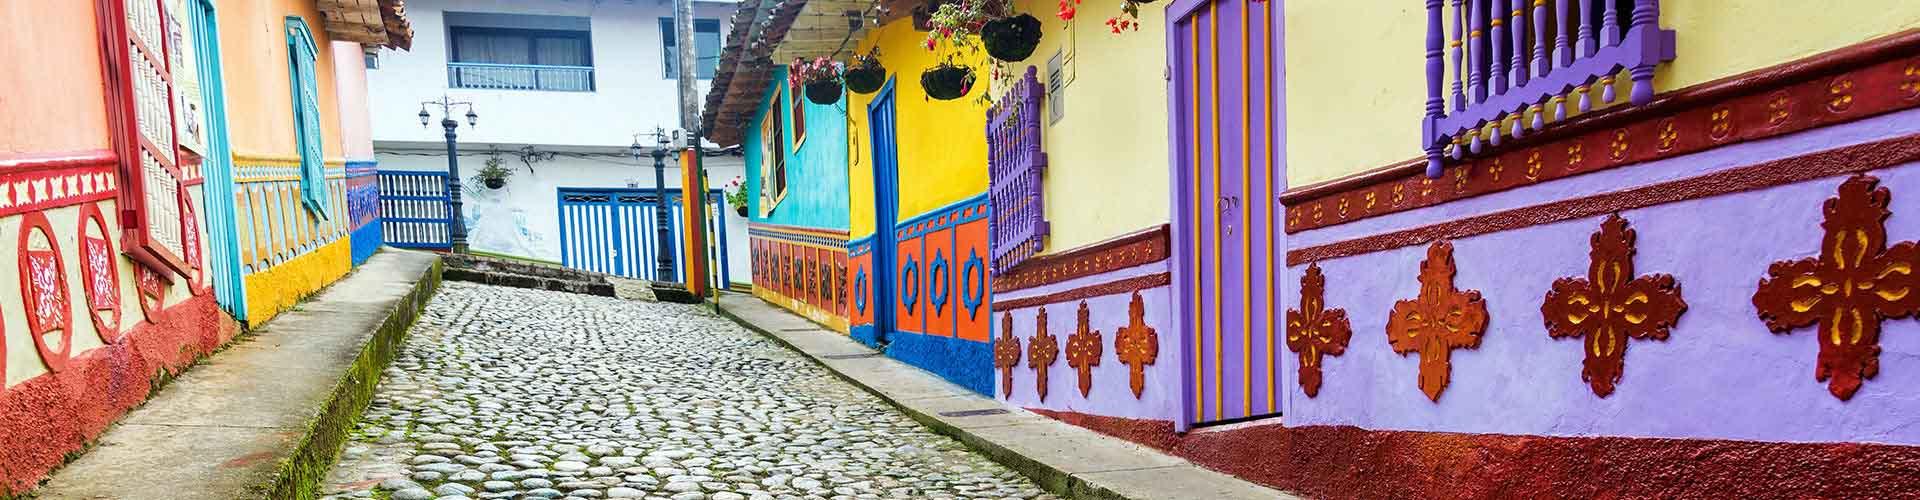 Medellín - Albergues Juveniles en Medellín. Mapas de Medellín, Fotos y Comentarios para cada Albergue Juvenil en Medellín.